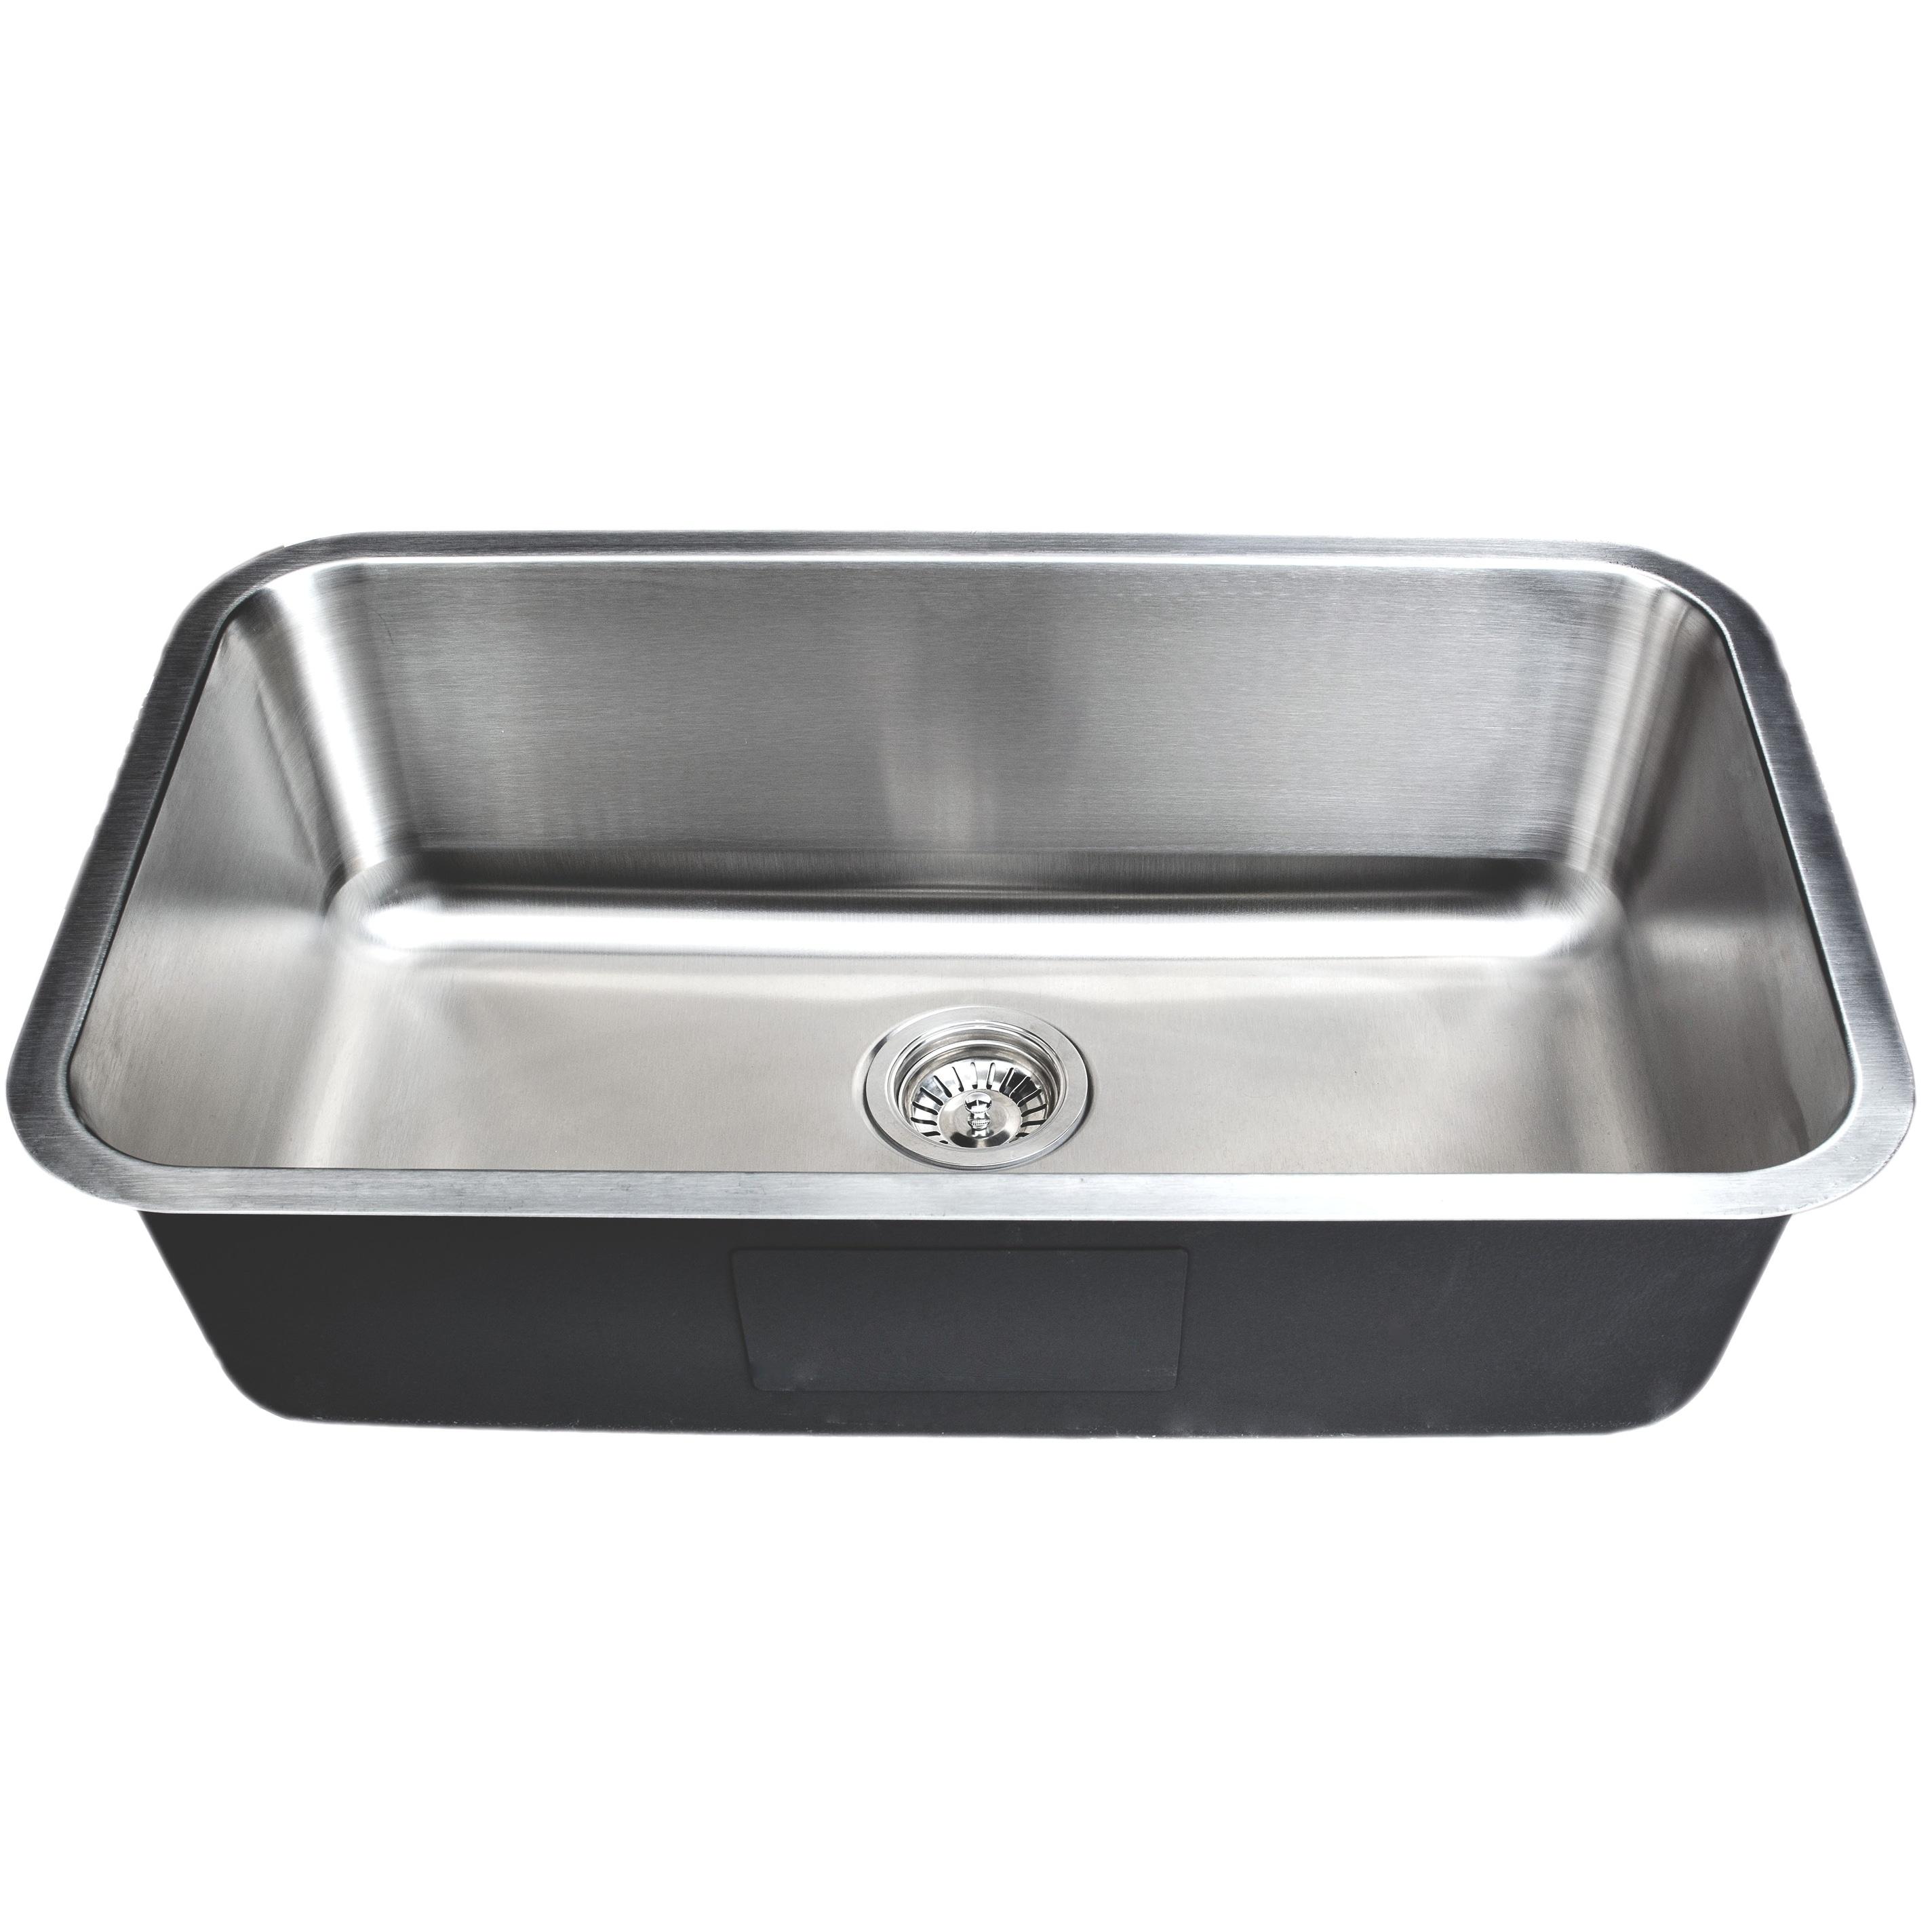 Merveilleux Wells Sinkware Craftsmen Series 30 Inch 18 Gauge Undermount Single Bowl Stainless  Steel Kitchen Sink